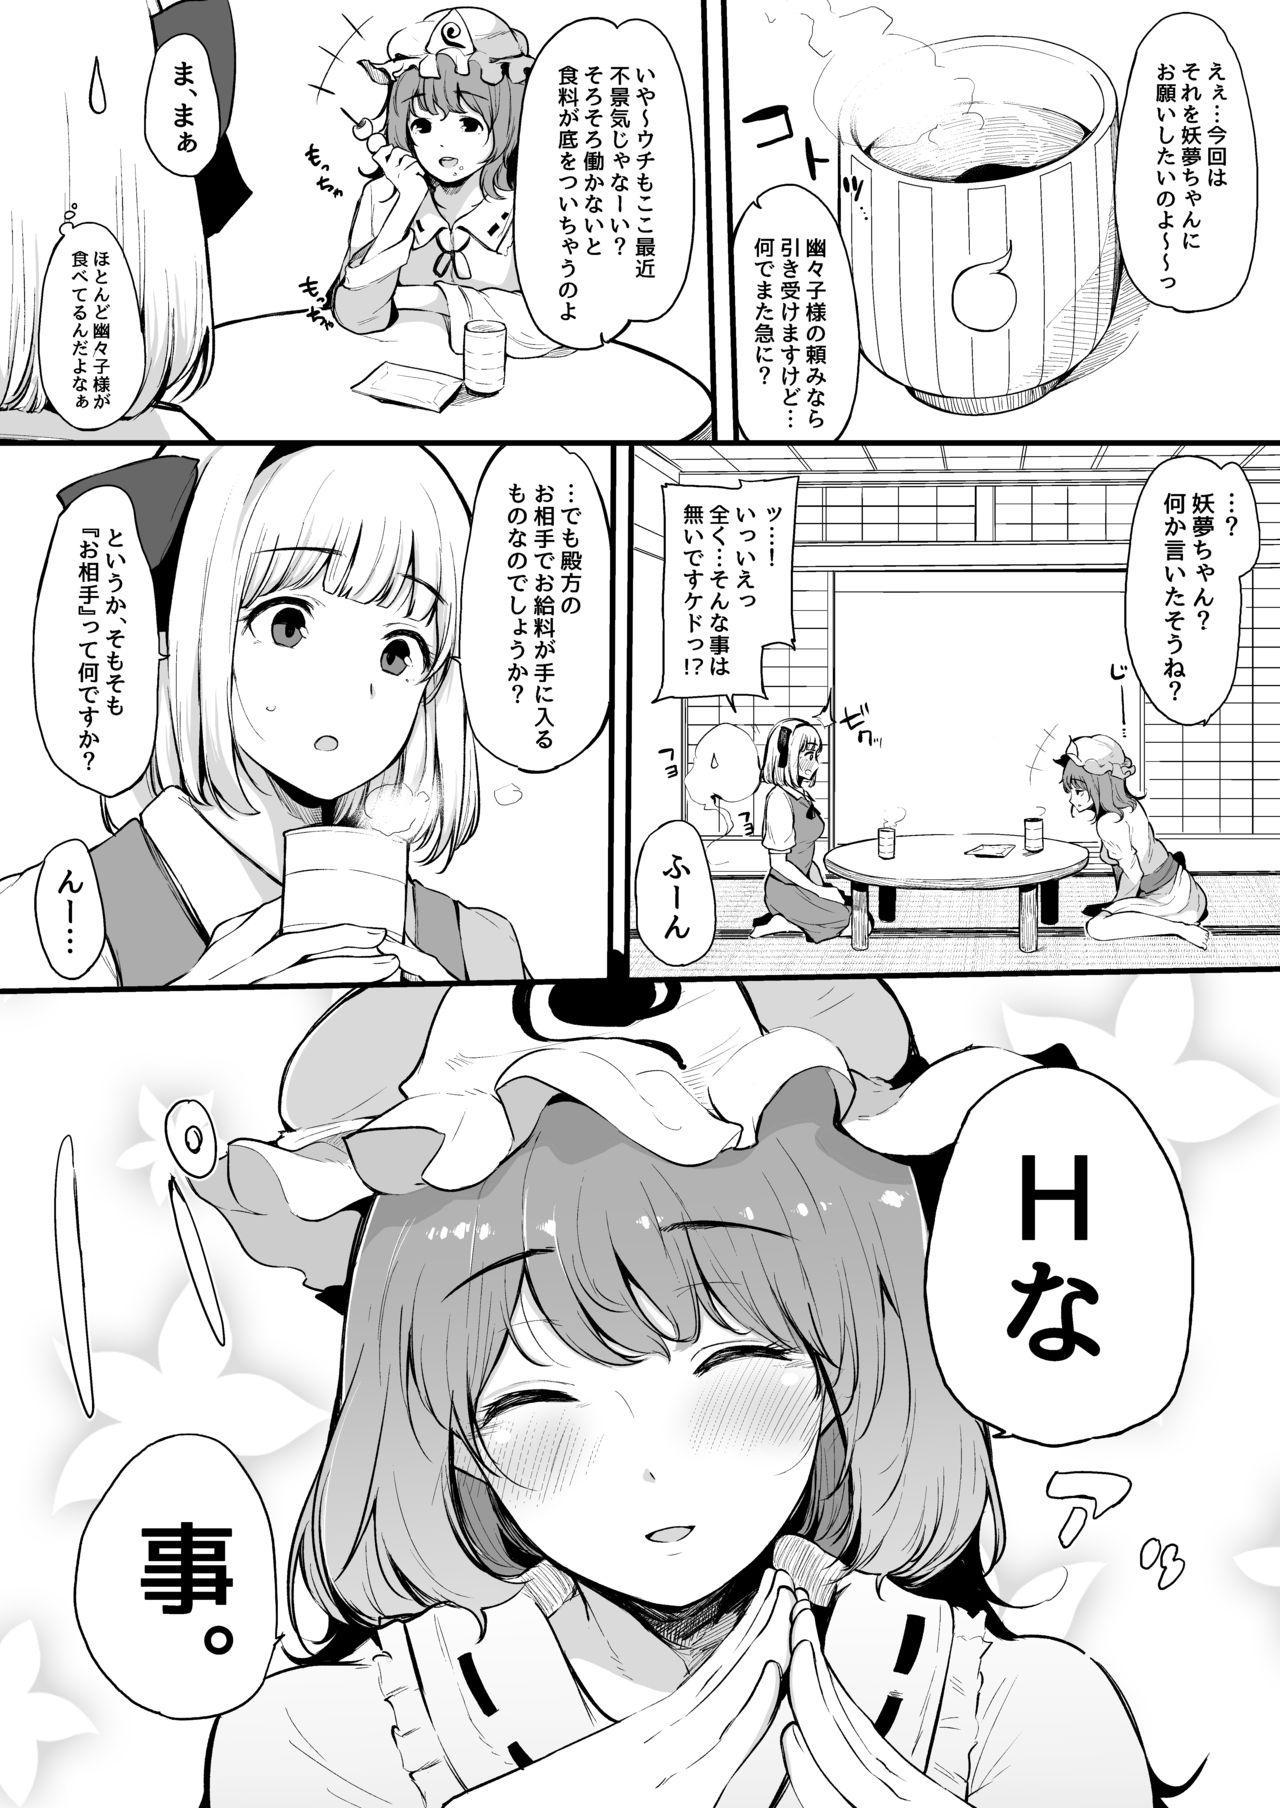 Youmu-chan no Hajimete 4